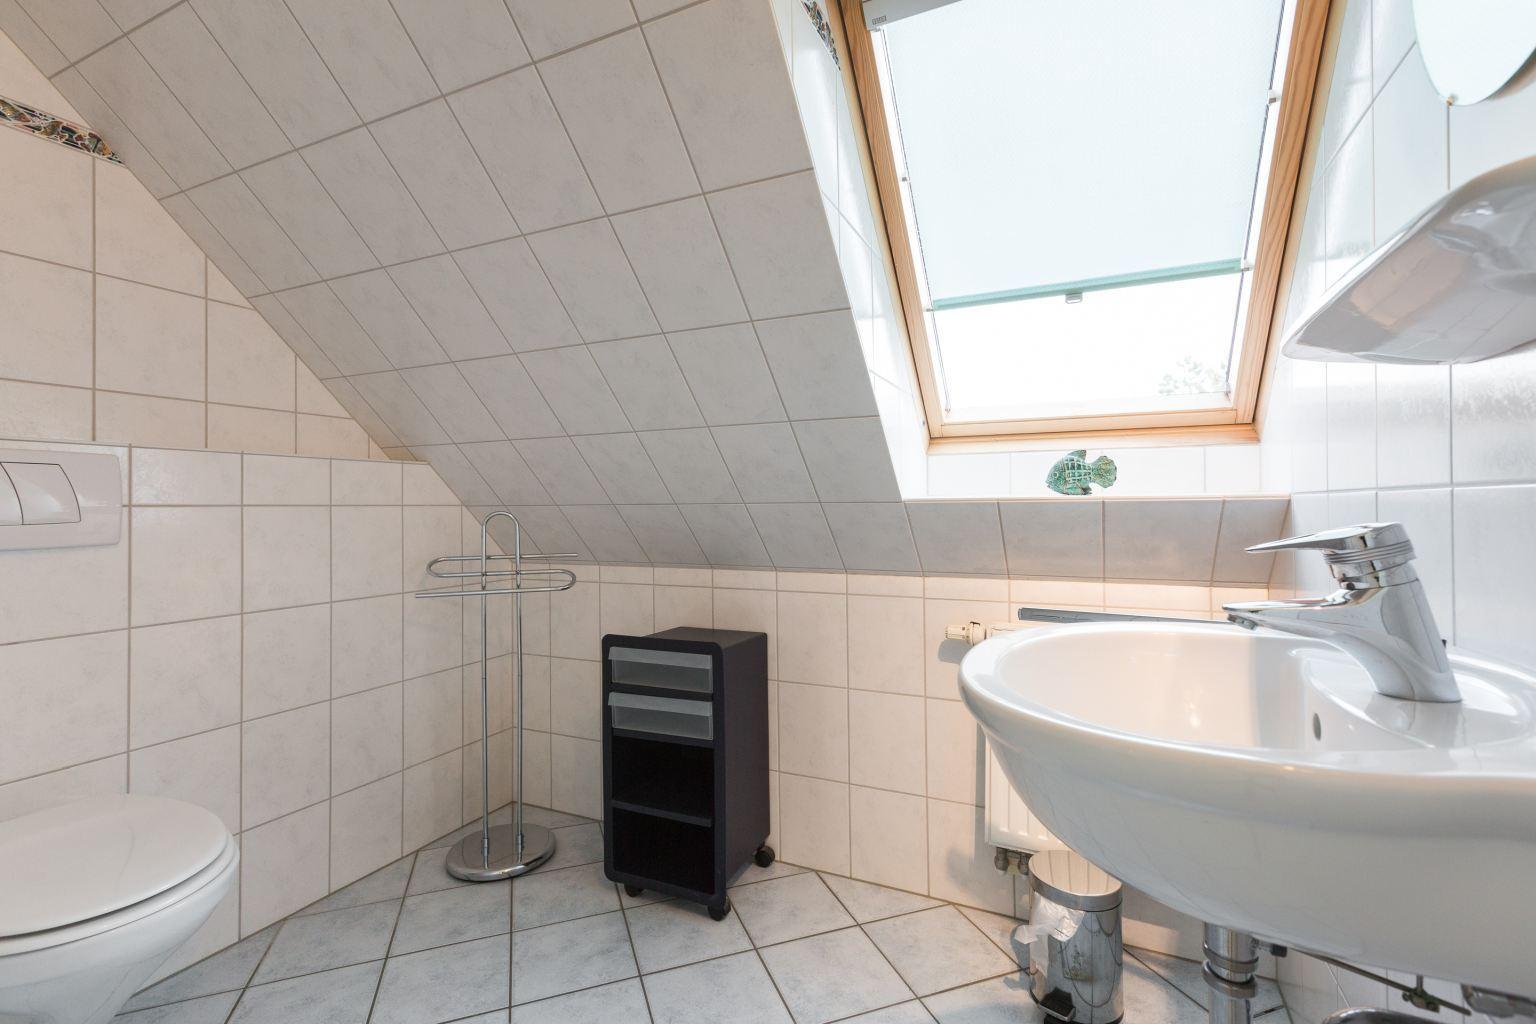 2. Badezimmer - St Peter Ording Bad, Haus Am Kurwald II, Wohnung 7